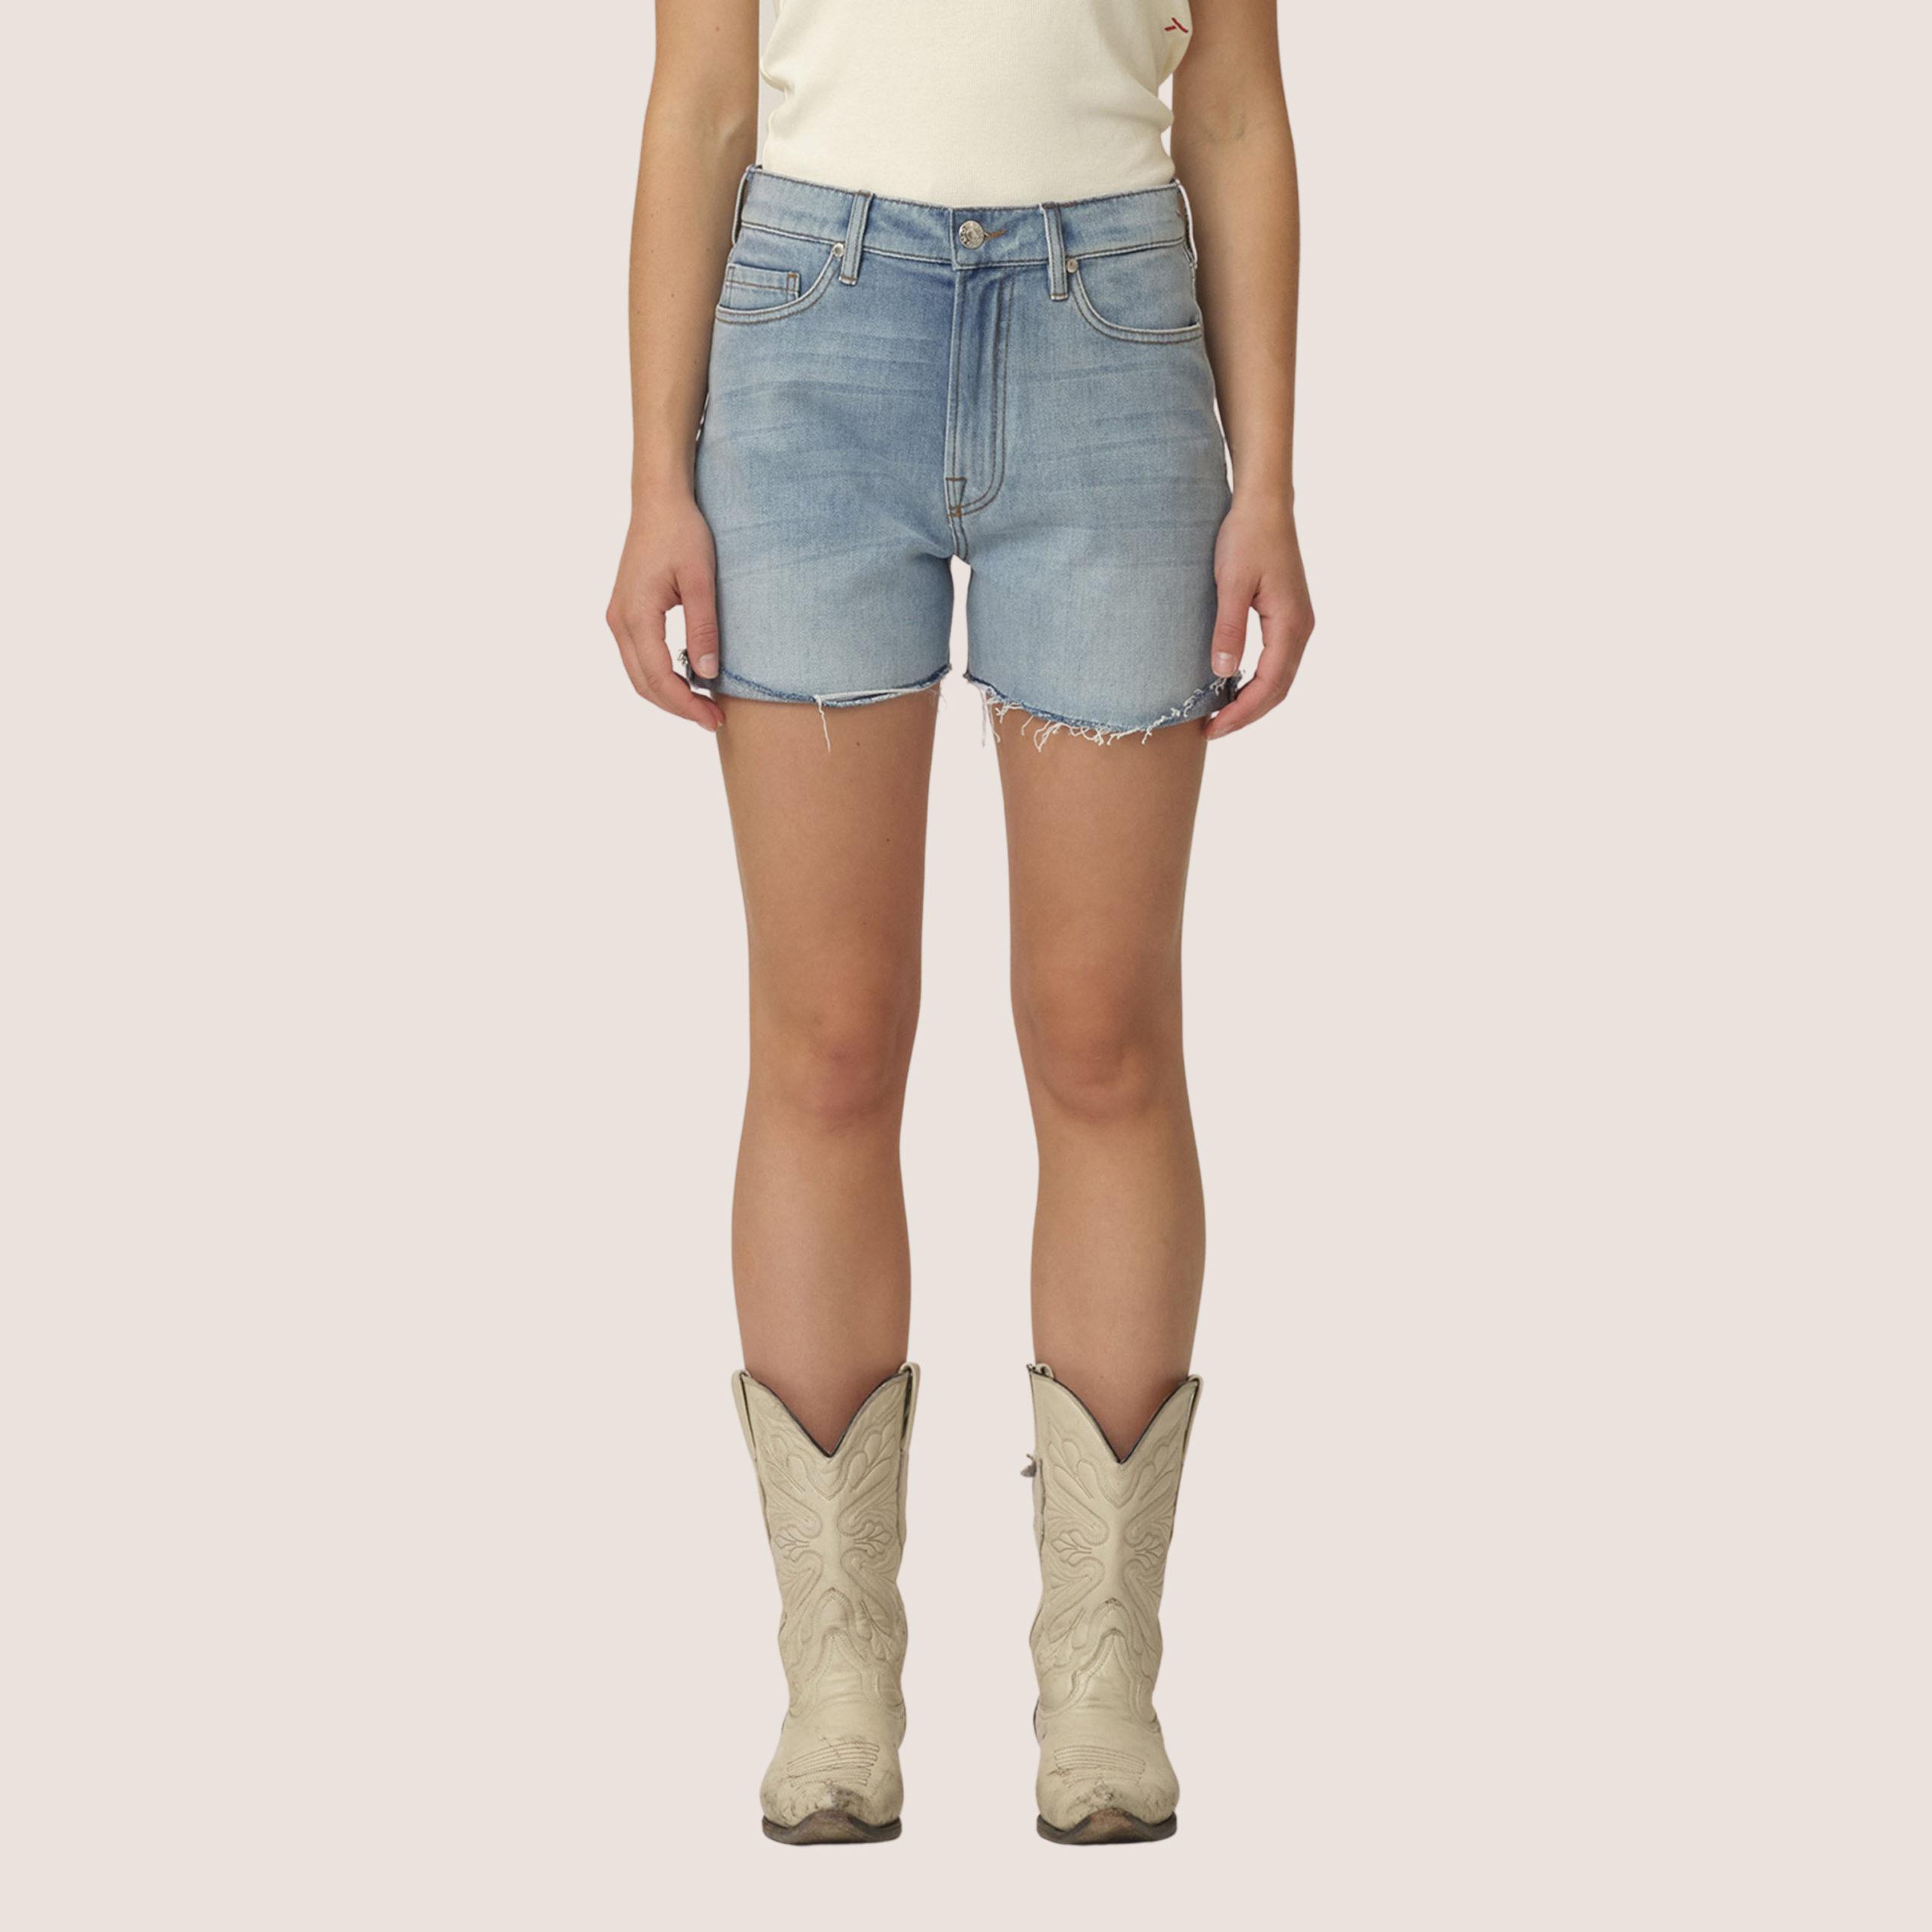 Brown Shorts - Los Felix